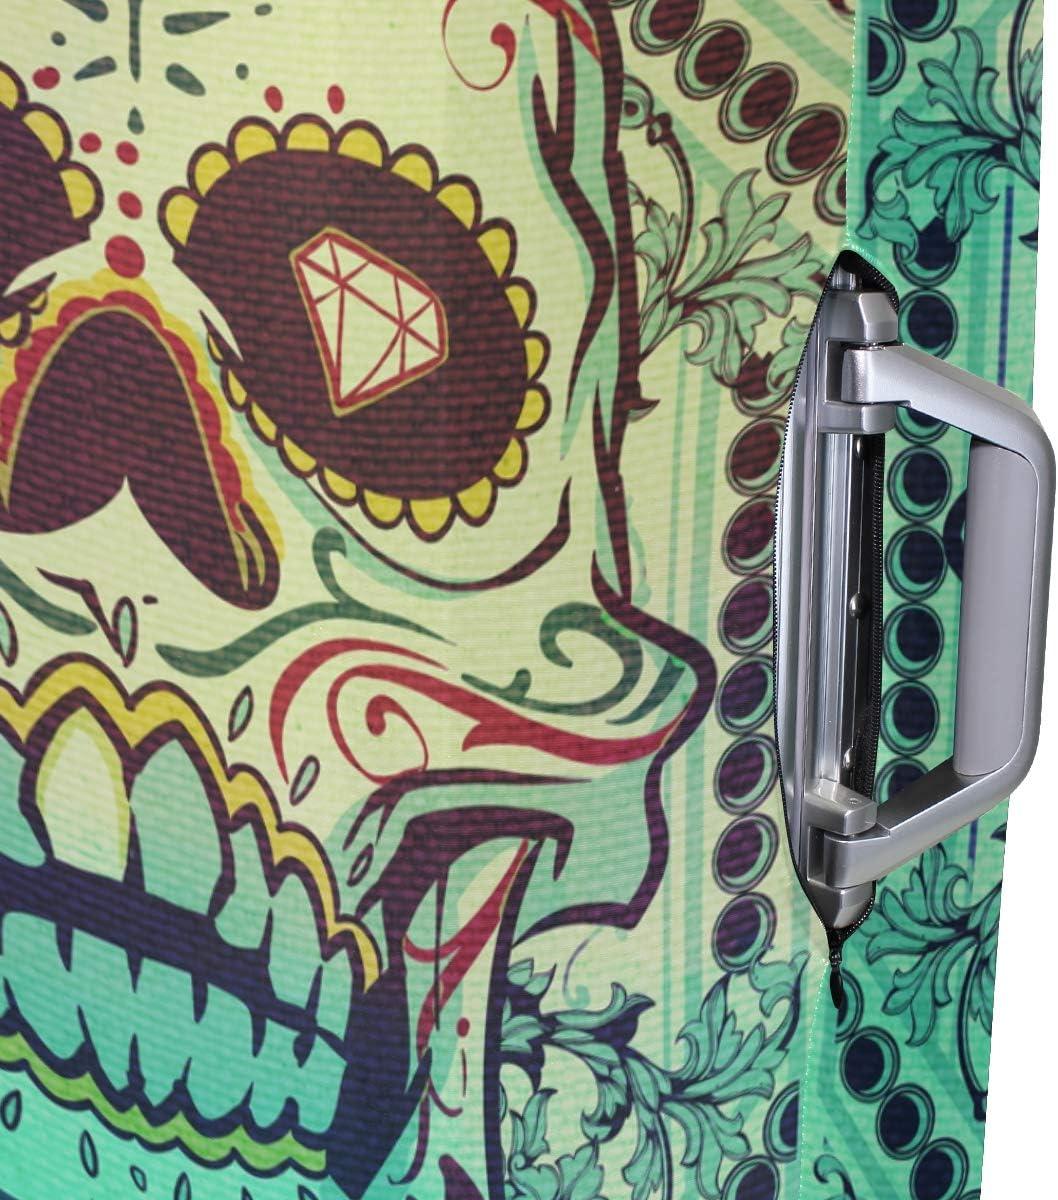 Sugar Skull Dia De Los Muertos Luggage Cover Travel Suitcase Protector Fits 18-21 Inch Luggage